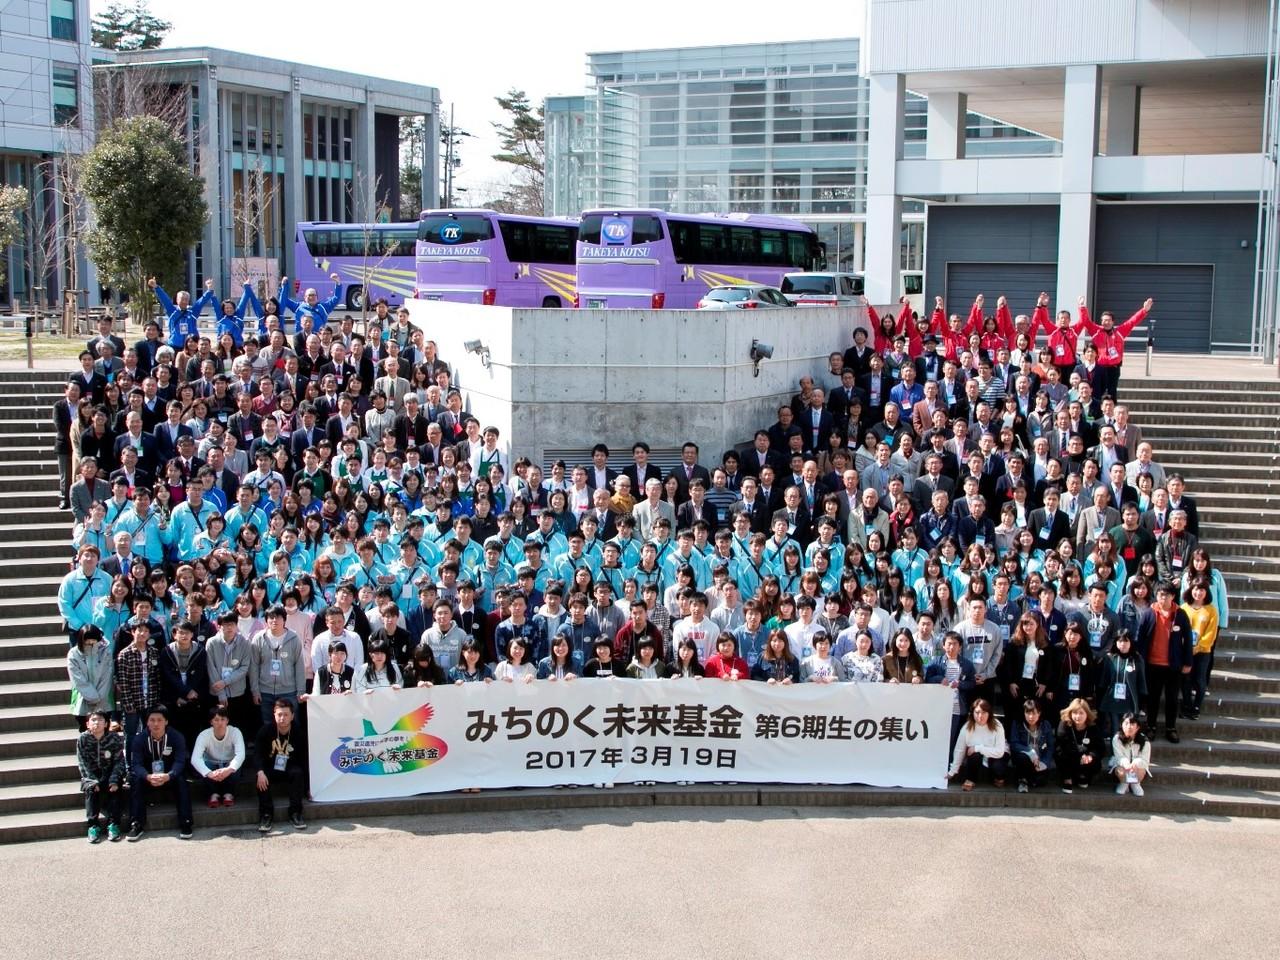 [【震災遺児に進学の夢を!】  東日本大震災で親を亡くした子どもたちの高校卒業後の進学を支援]の画像